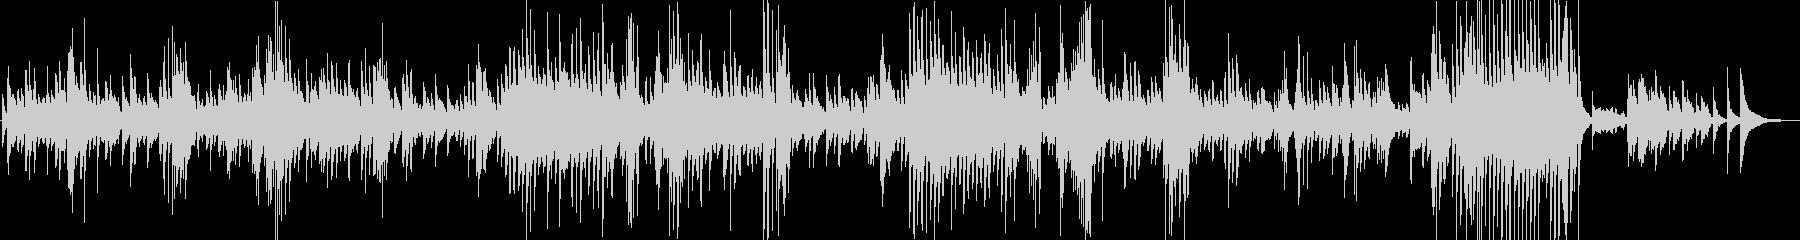 琴で美しく奏でる、ショパン:ノクターンの未再生の波形